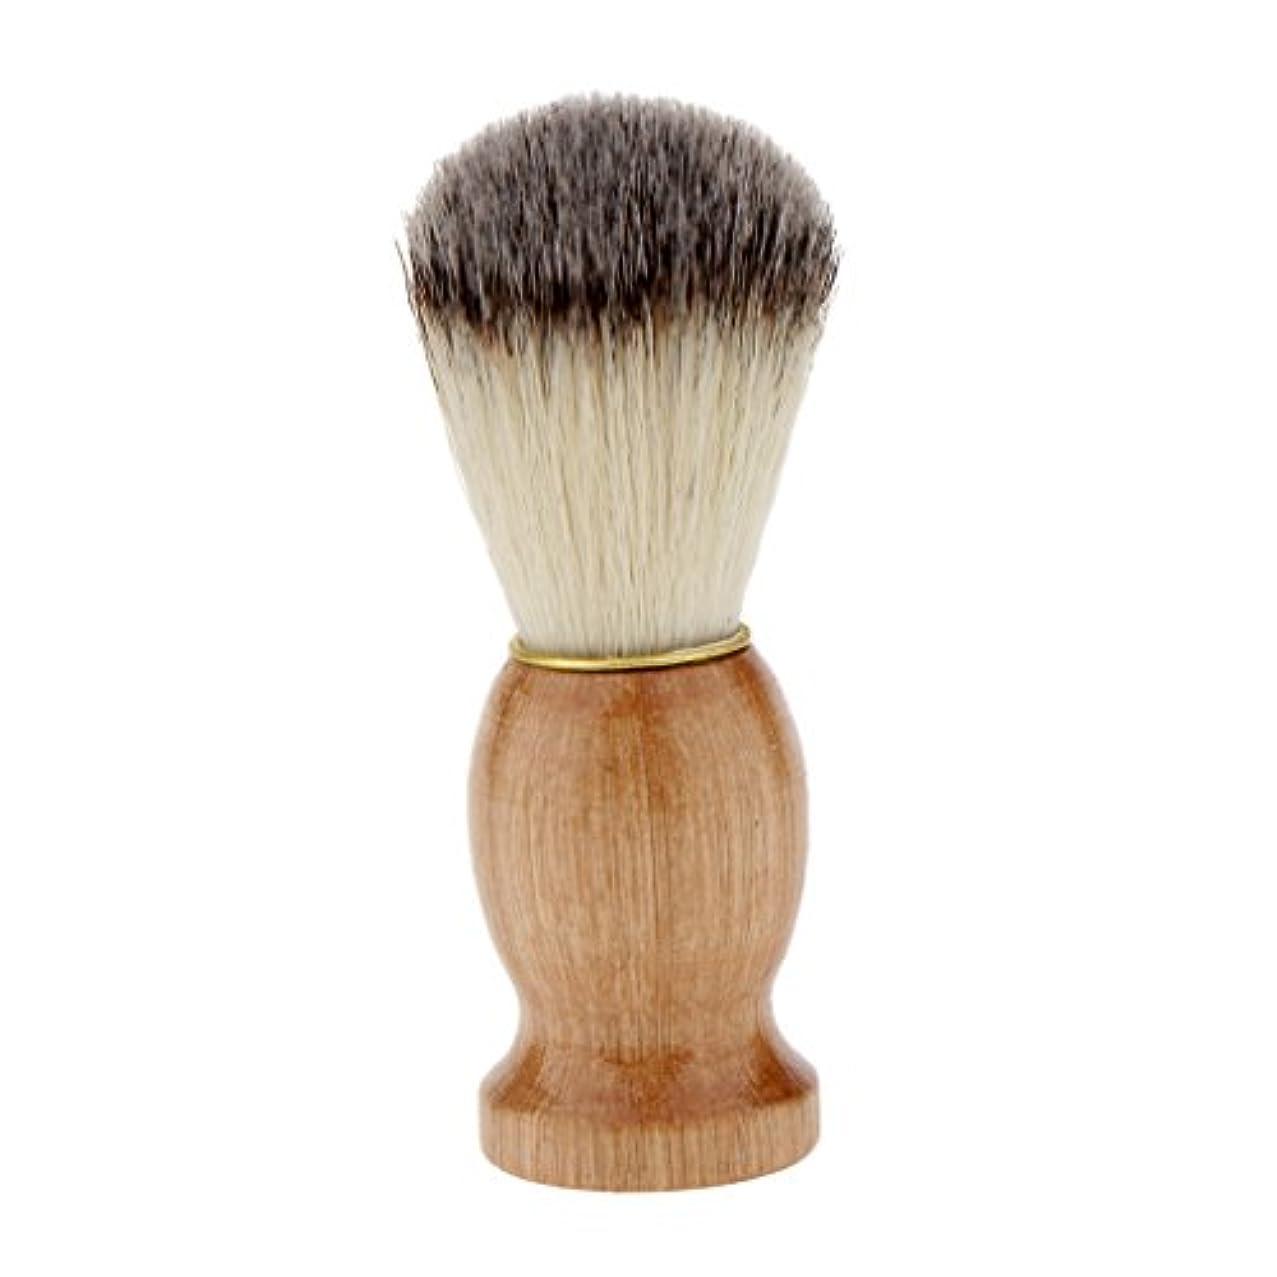 マッサージ赤道いつも男性ギフト剃毛シェービングブラシプロ理髪店サロン剛毛ブラシウッドハンドルダストクリーニングツール